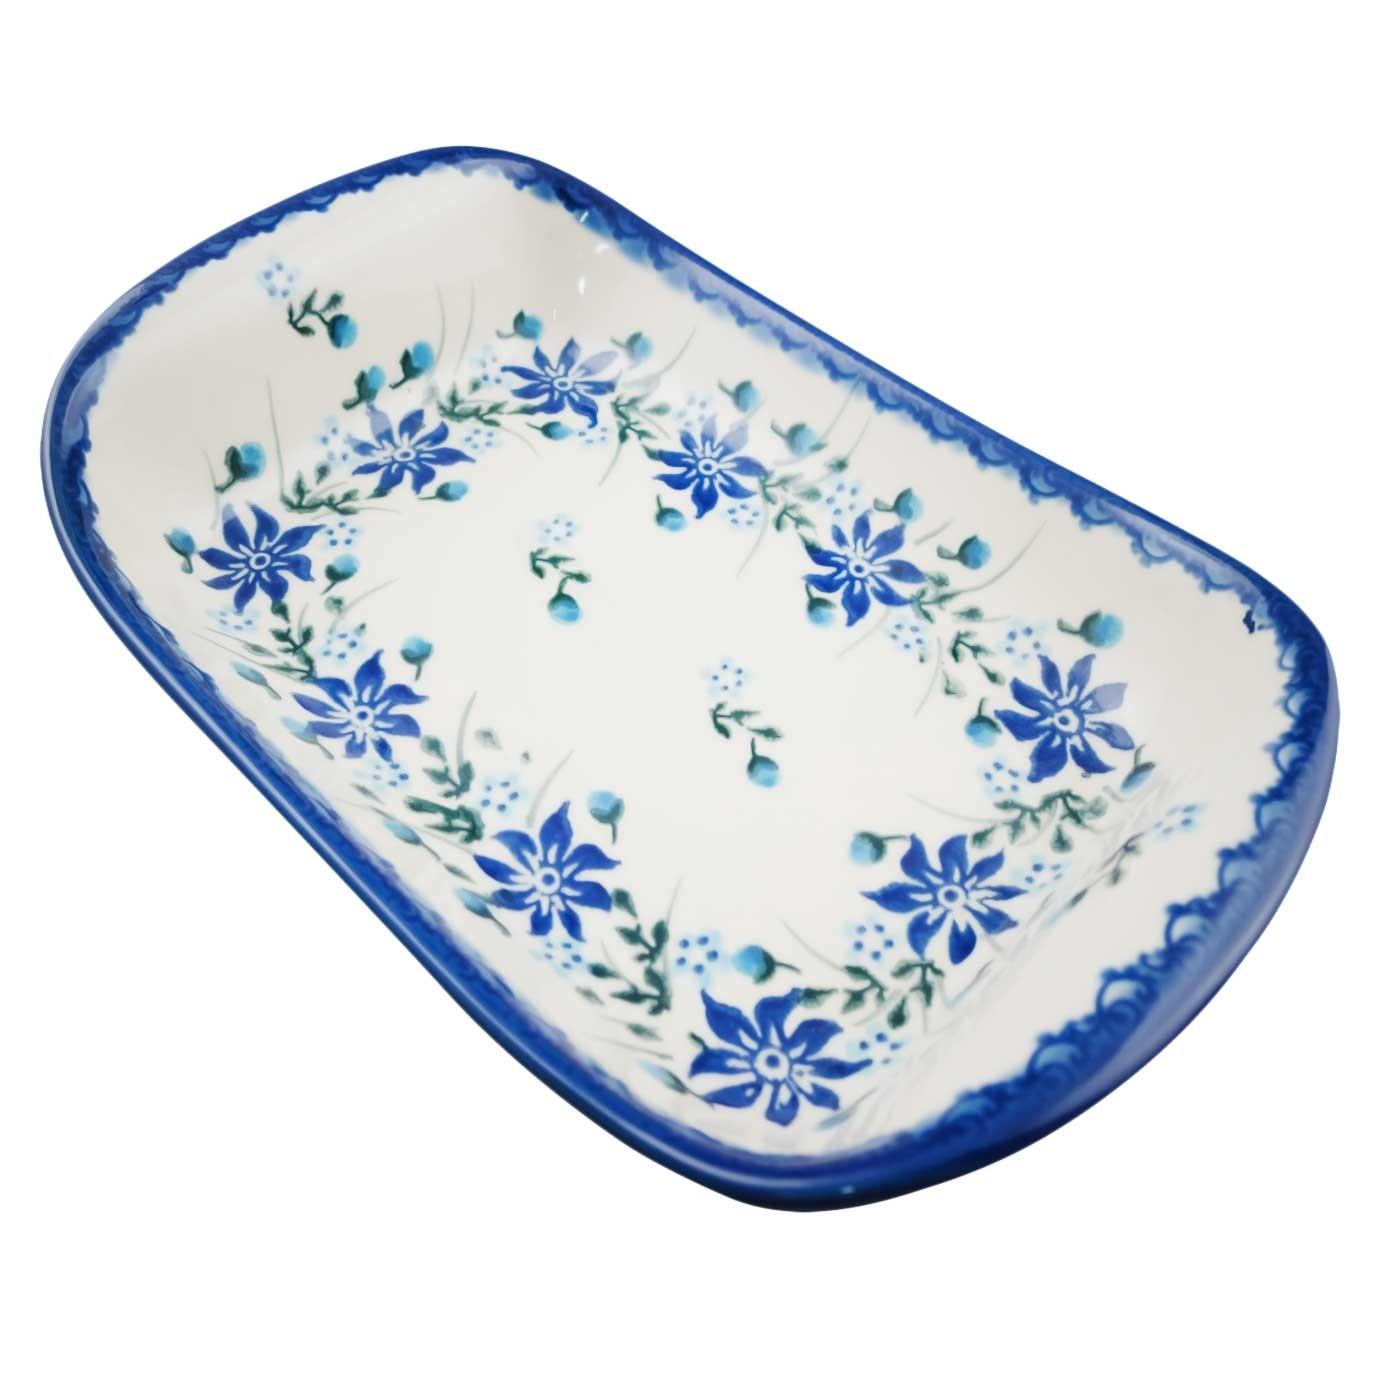 Pottery Avenue Large Stoneware Flared Dish - V108-C106 Star Gazer